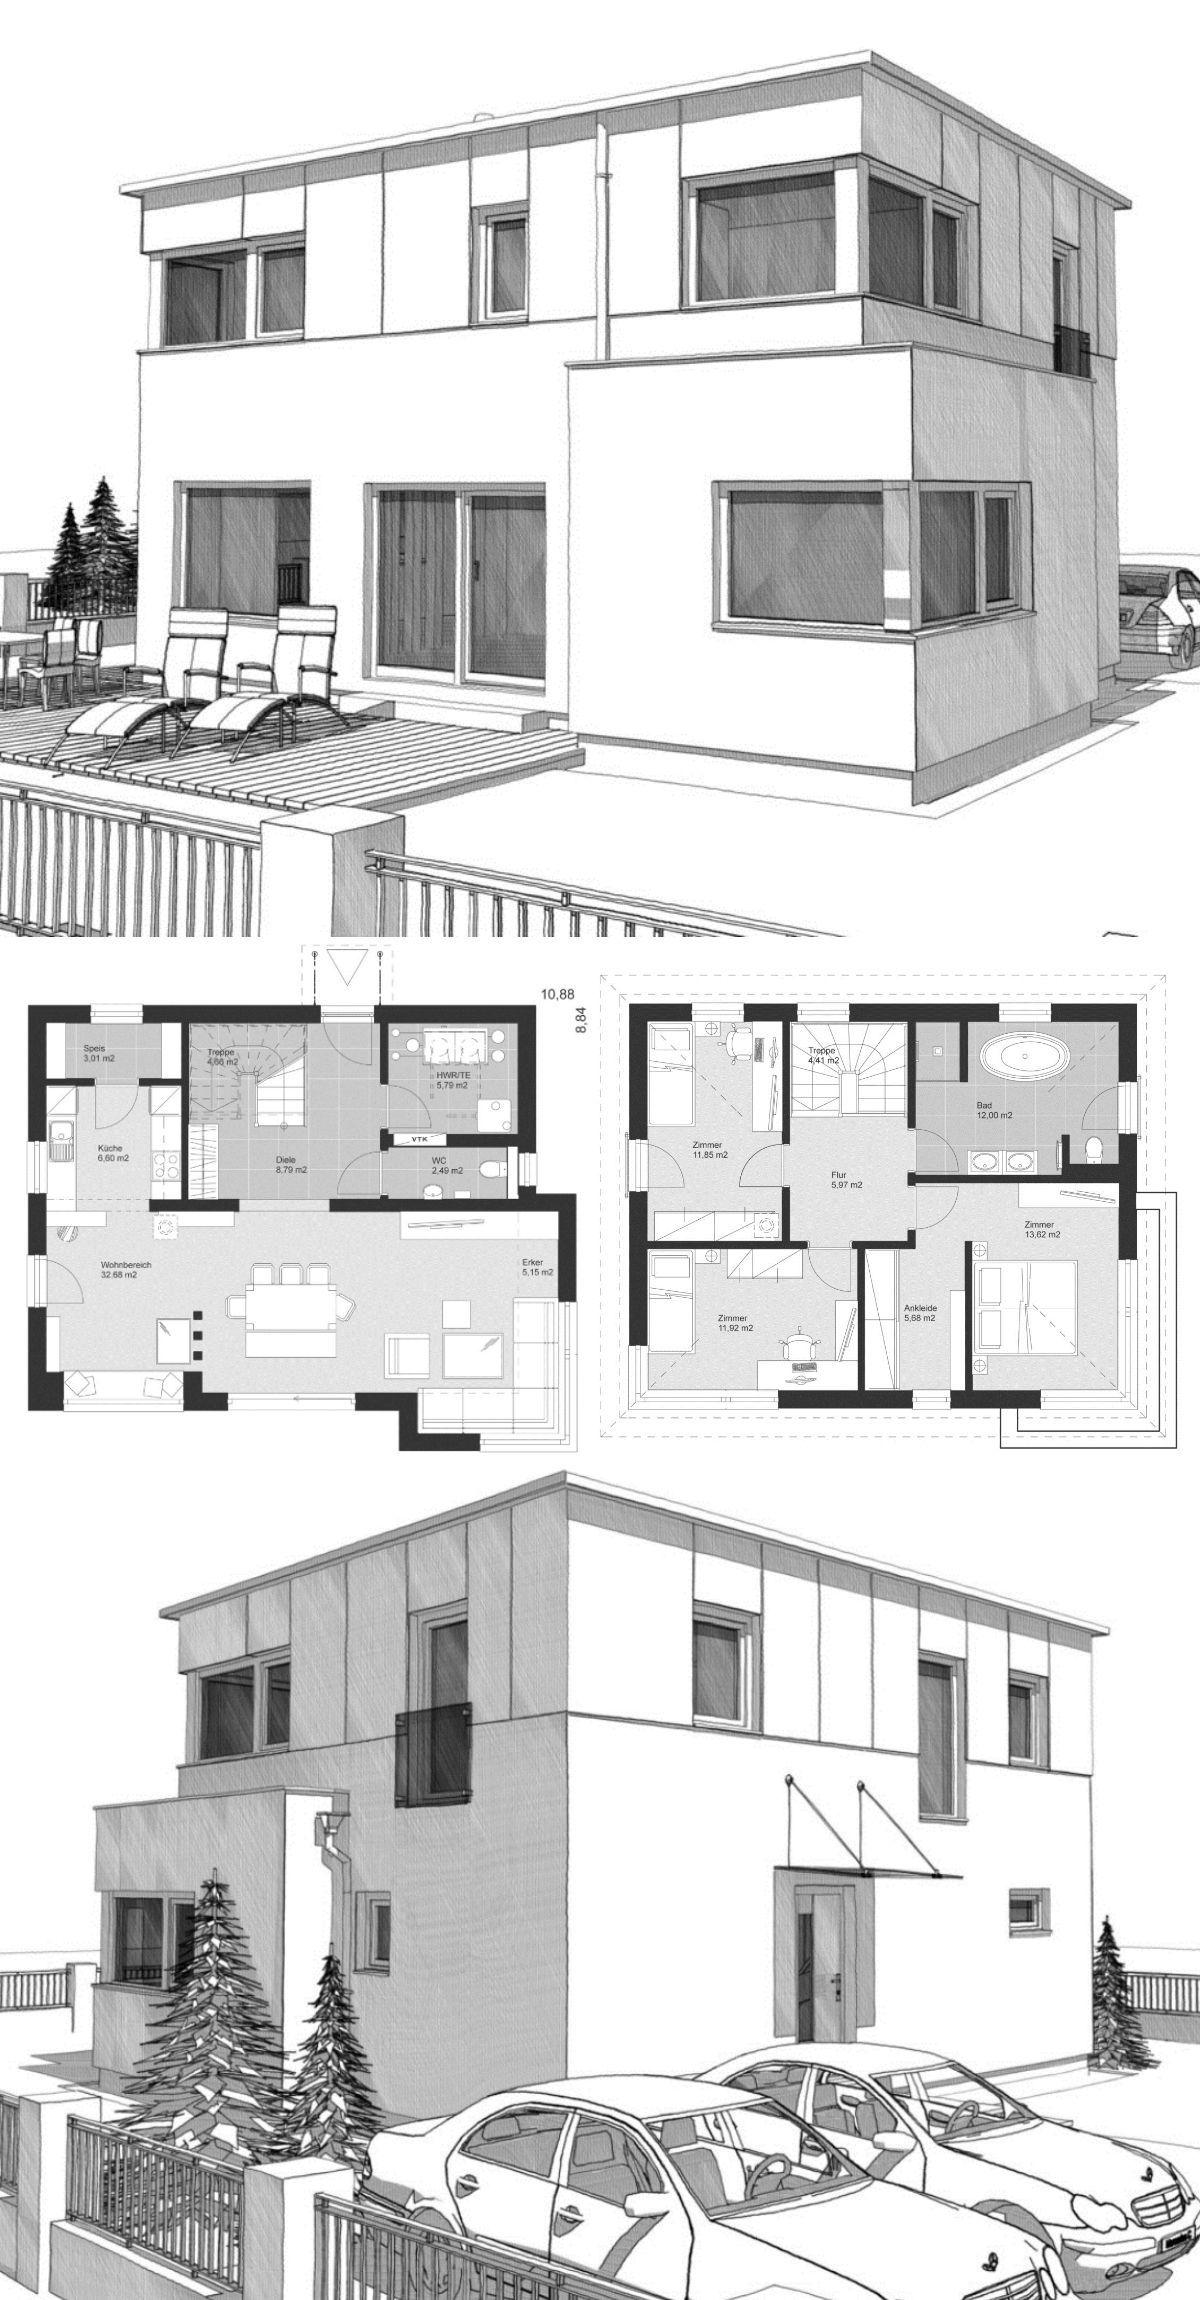 Einfamilienhaus Neubau modern mit Flachdach Architektur im